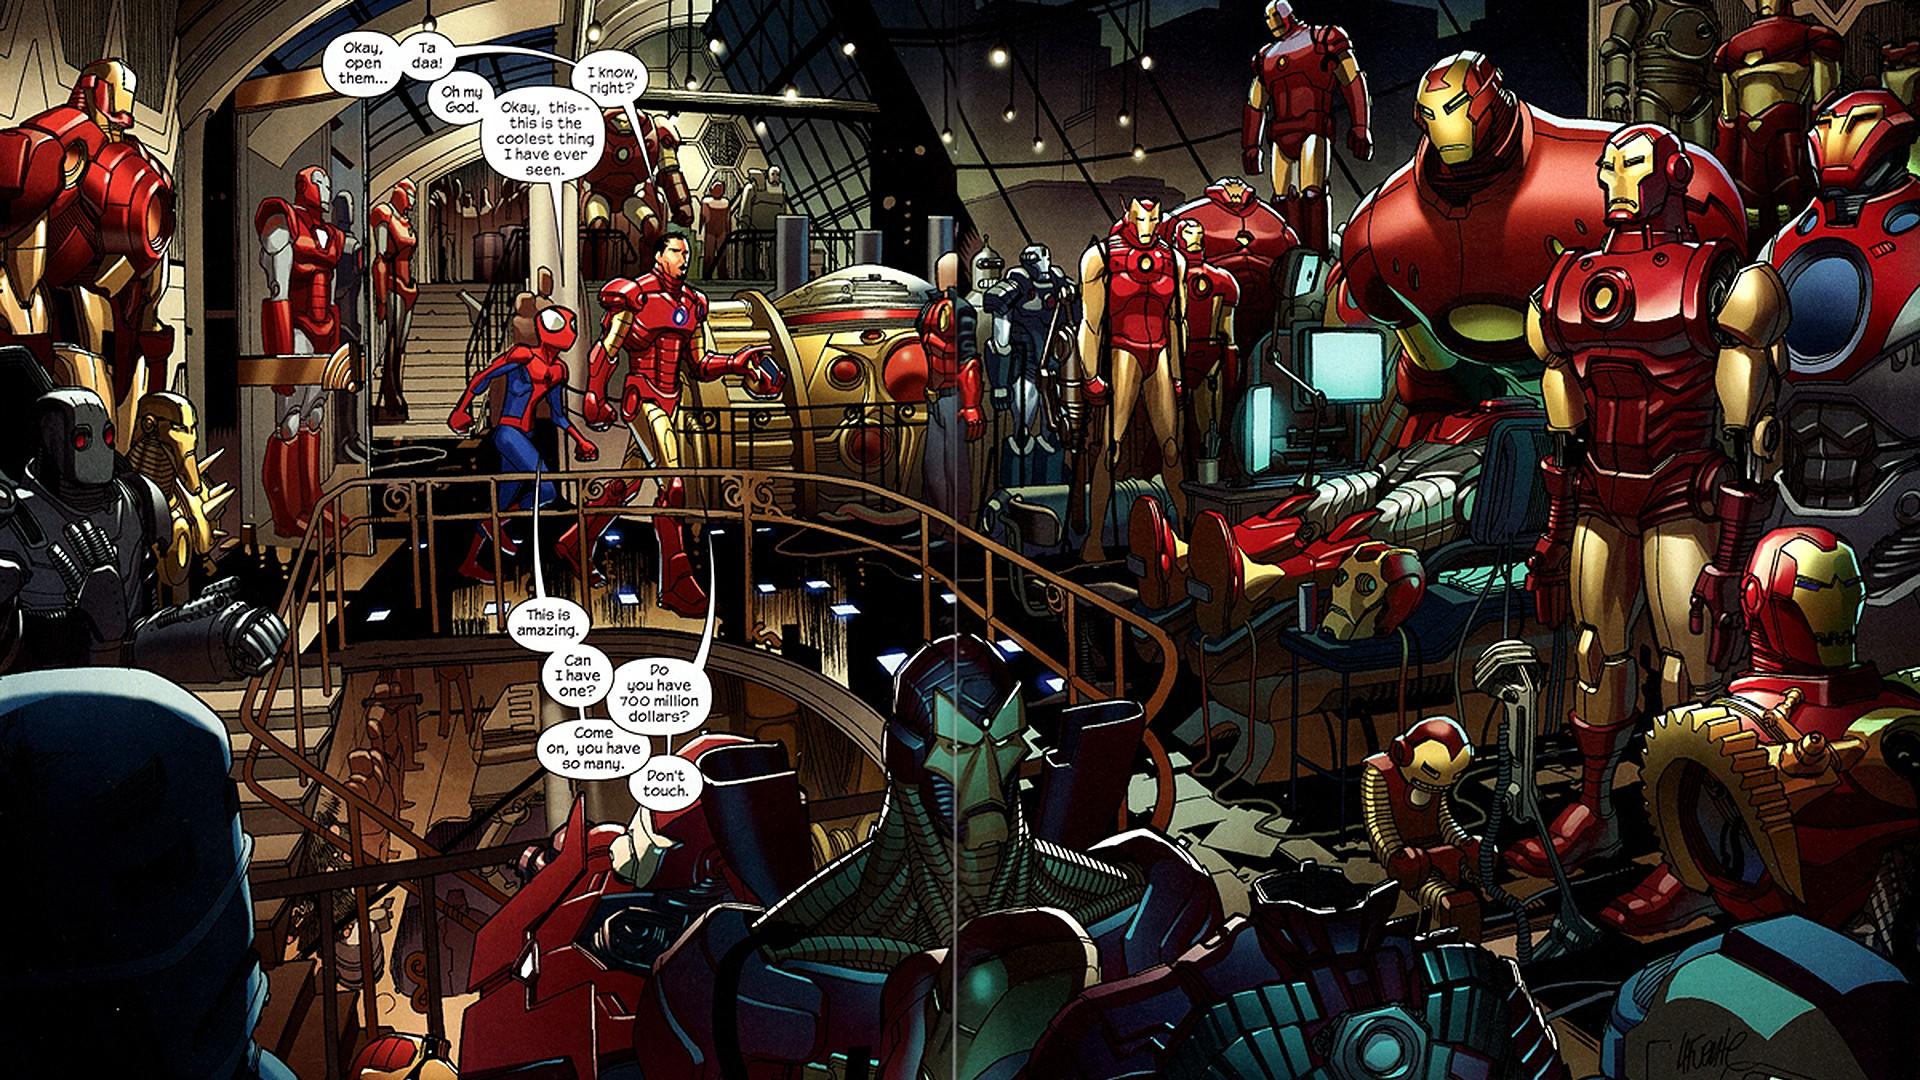 Free Download Wallpaper Iron Man Comics Tony Stark Marvel Comics